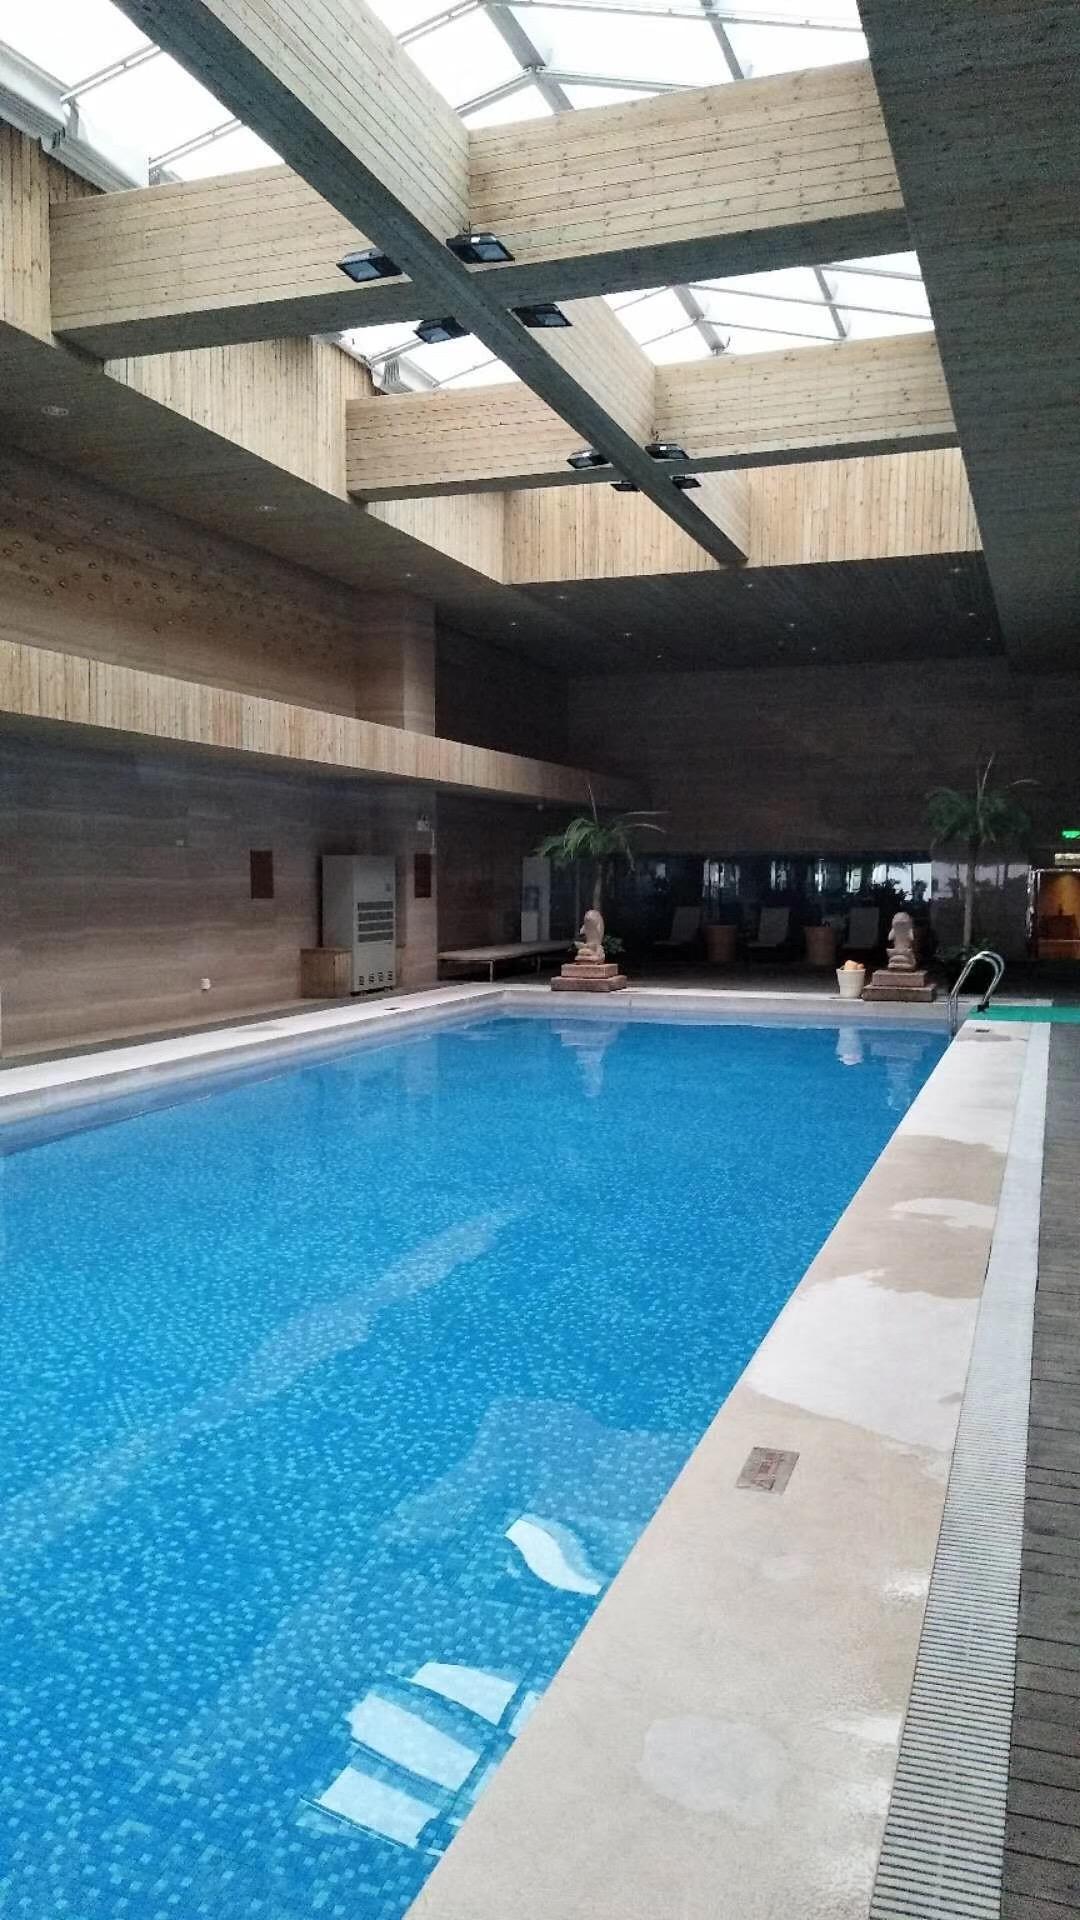 泳池水处理设备的施工安装要求